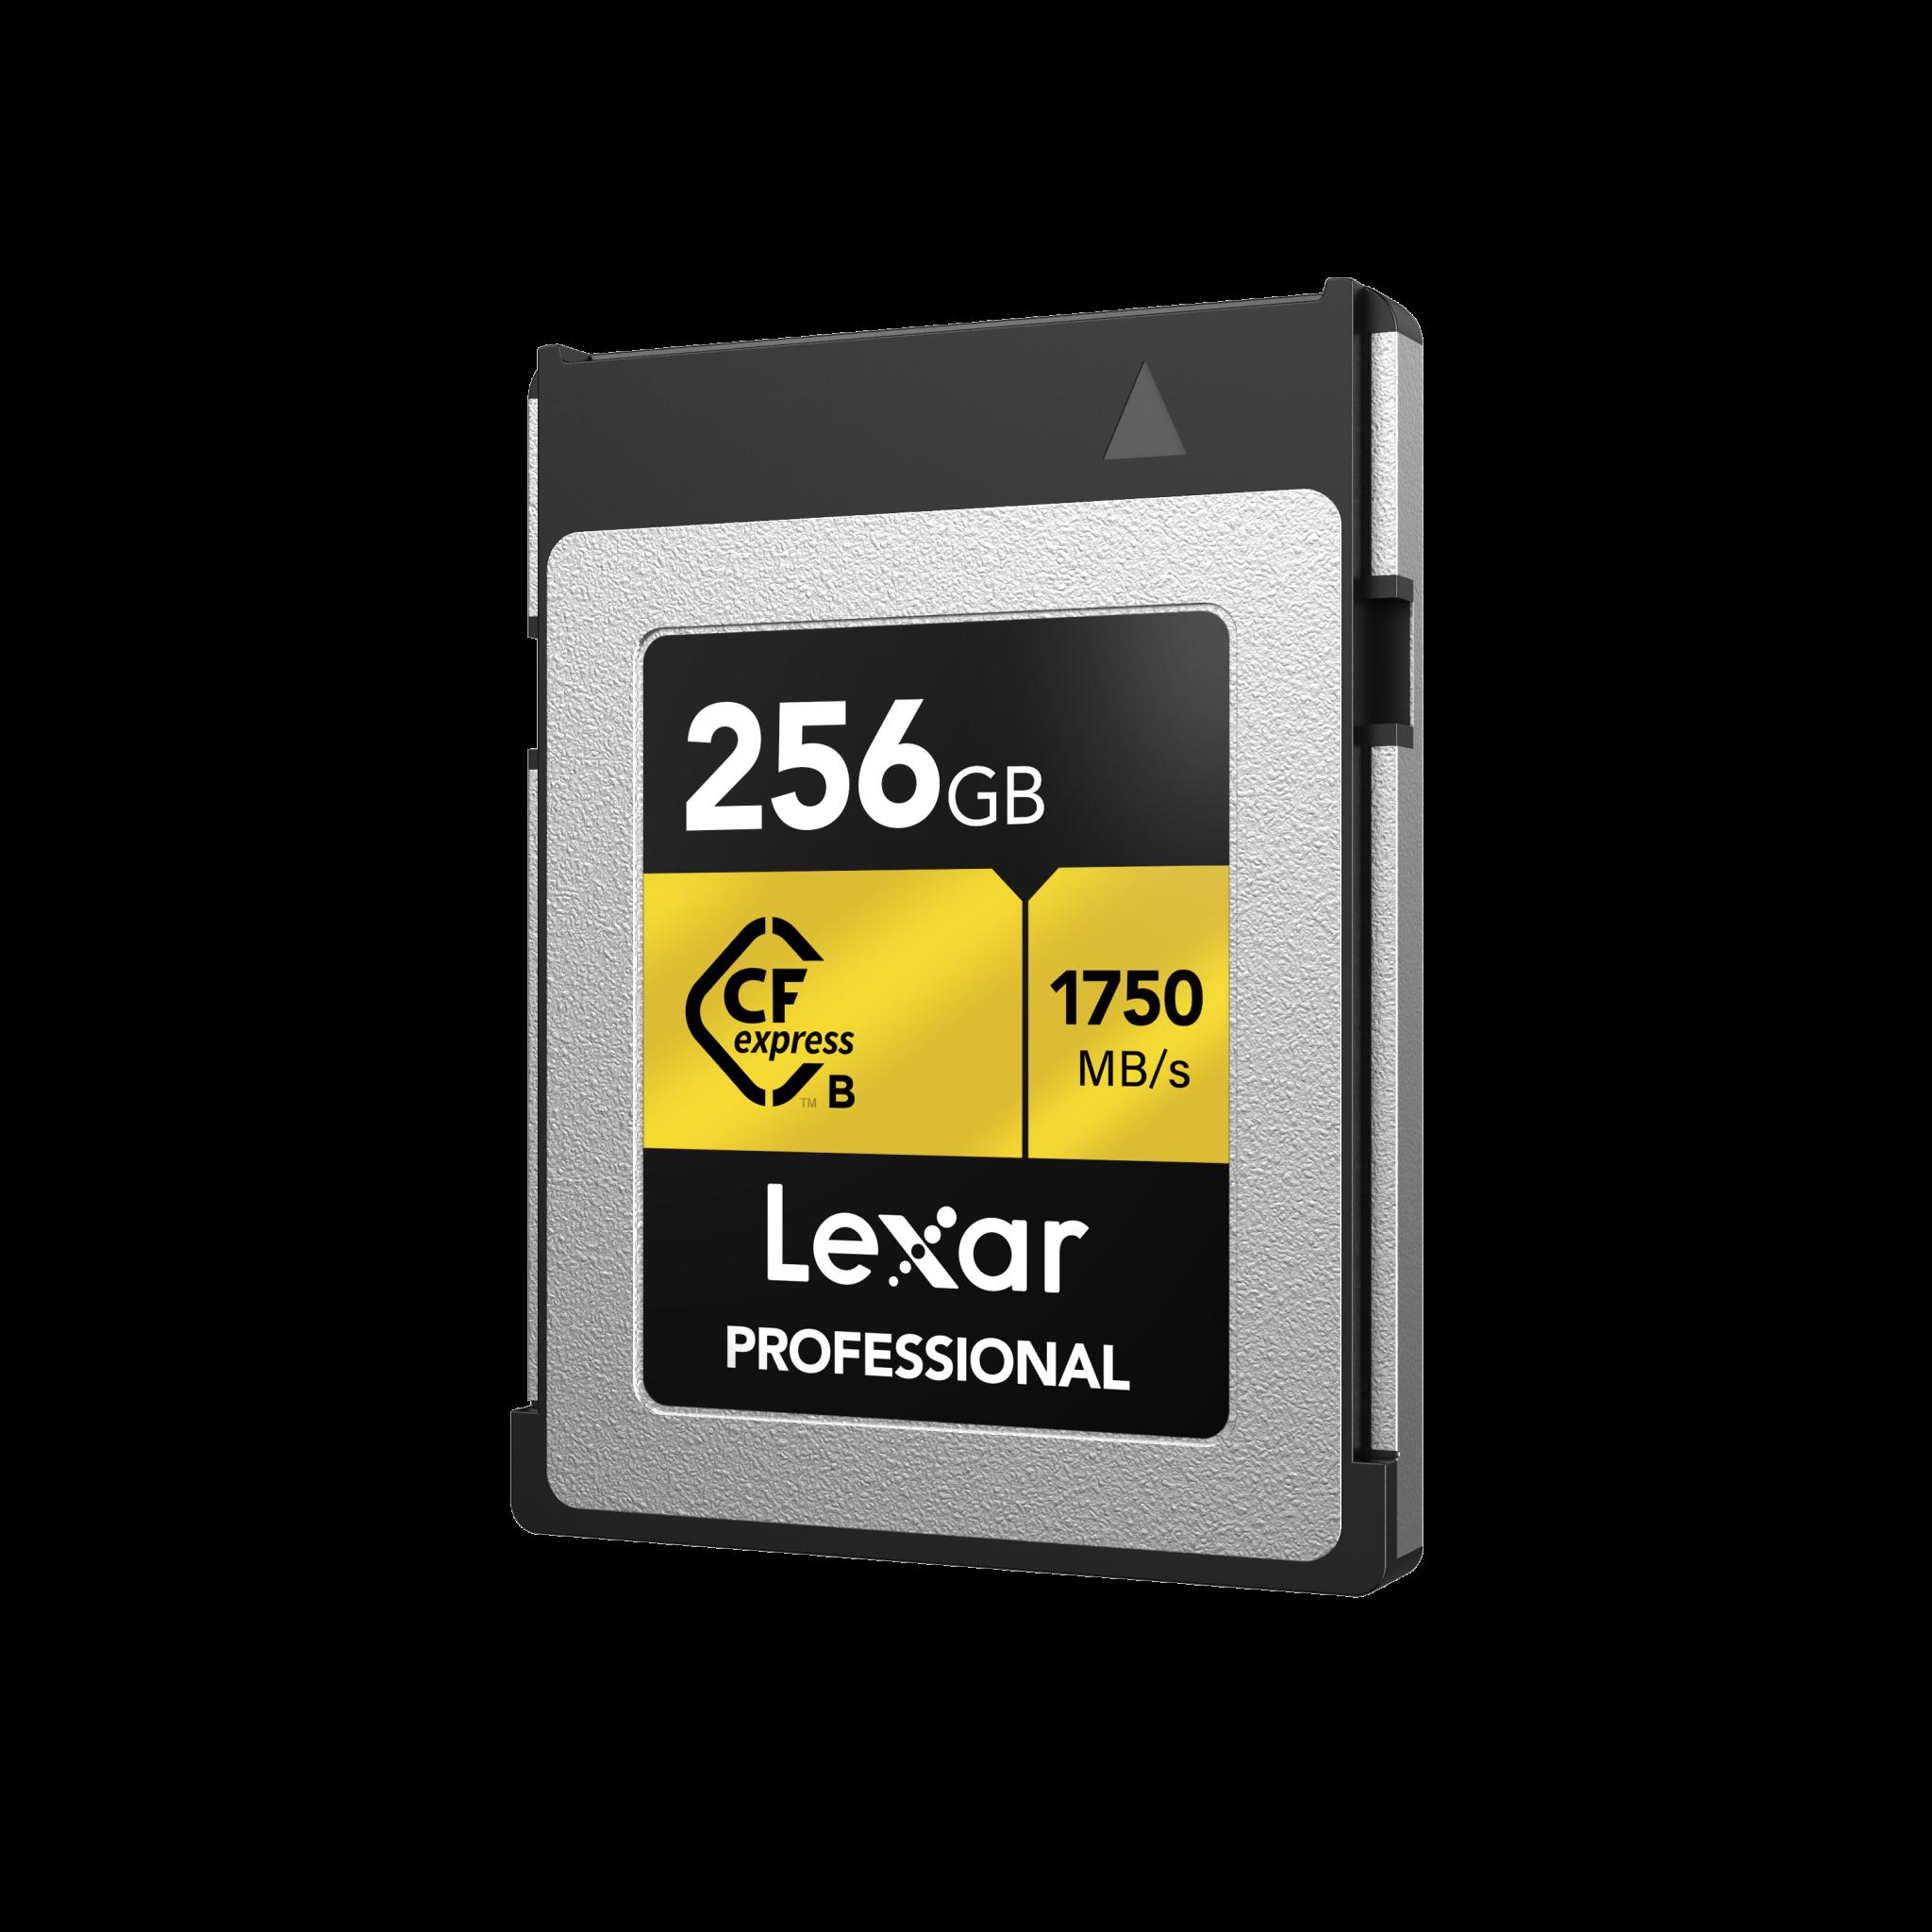 Die Lexar Professional CFexpressTyp B mit 256 GB kostet rund 290 Euro.